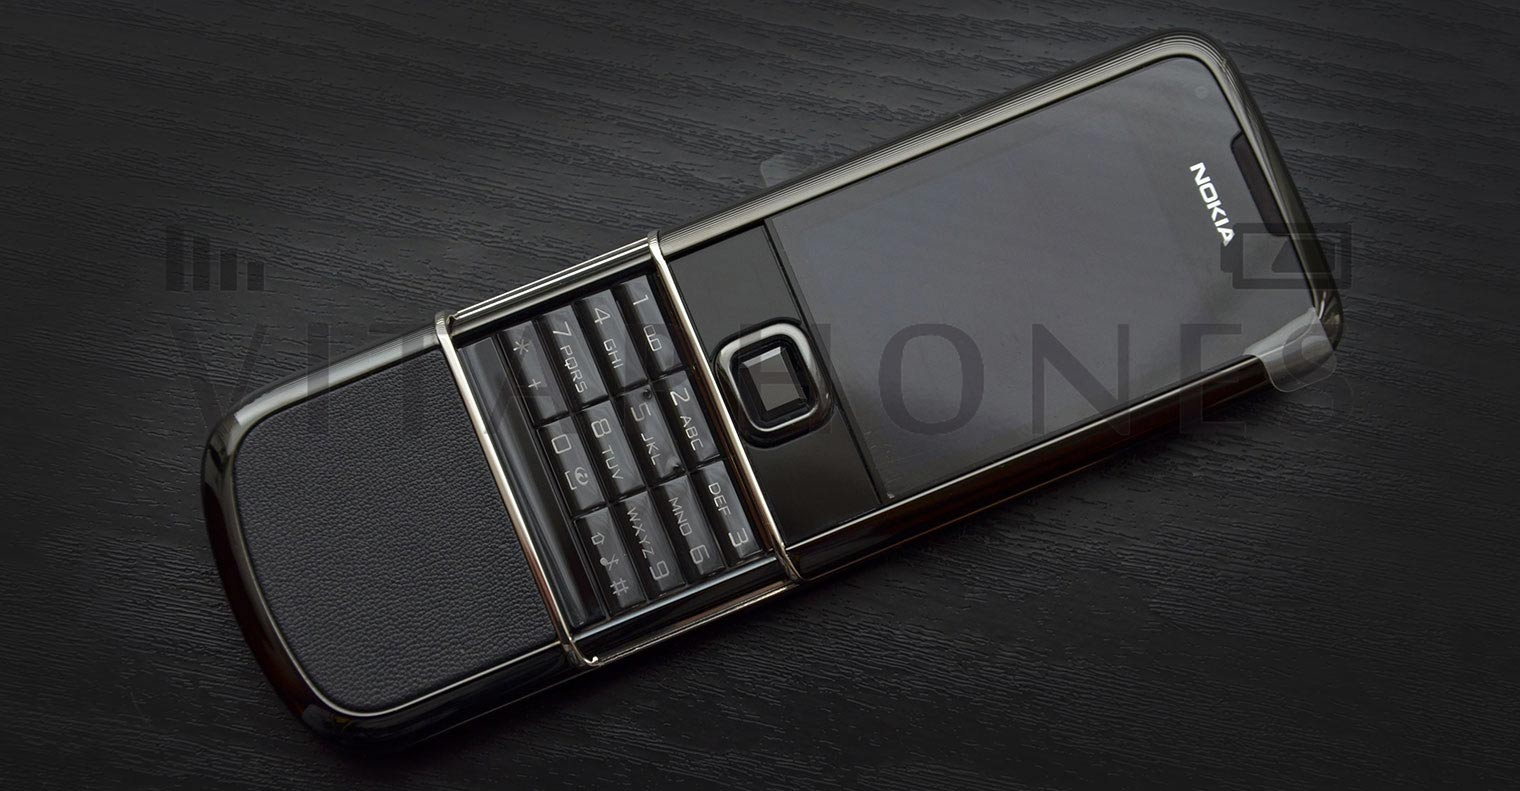 48ba954c20fc2 Купить Нокиа 8800 оригинал. Не китай, не реплика, не подделка